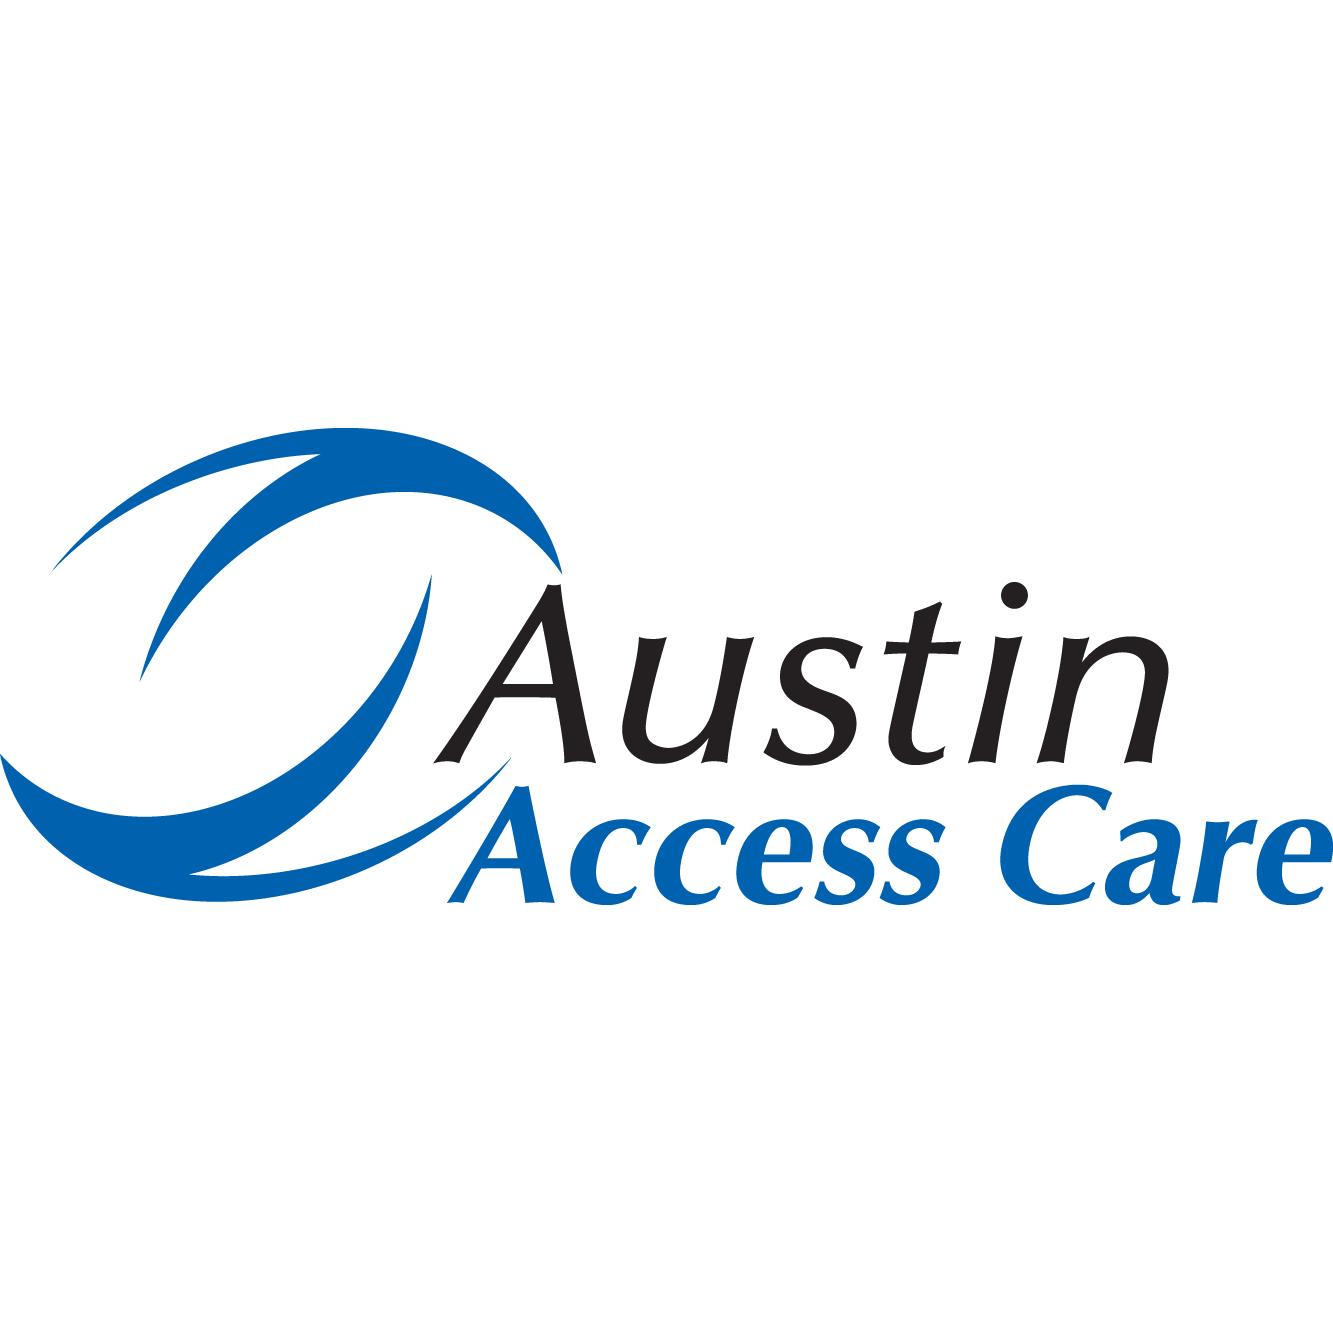 Austin Access Care